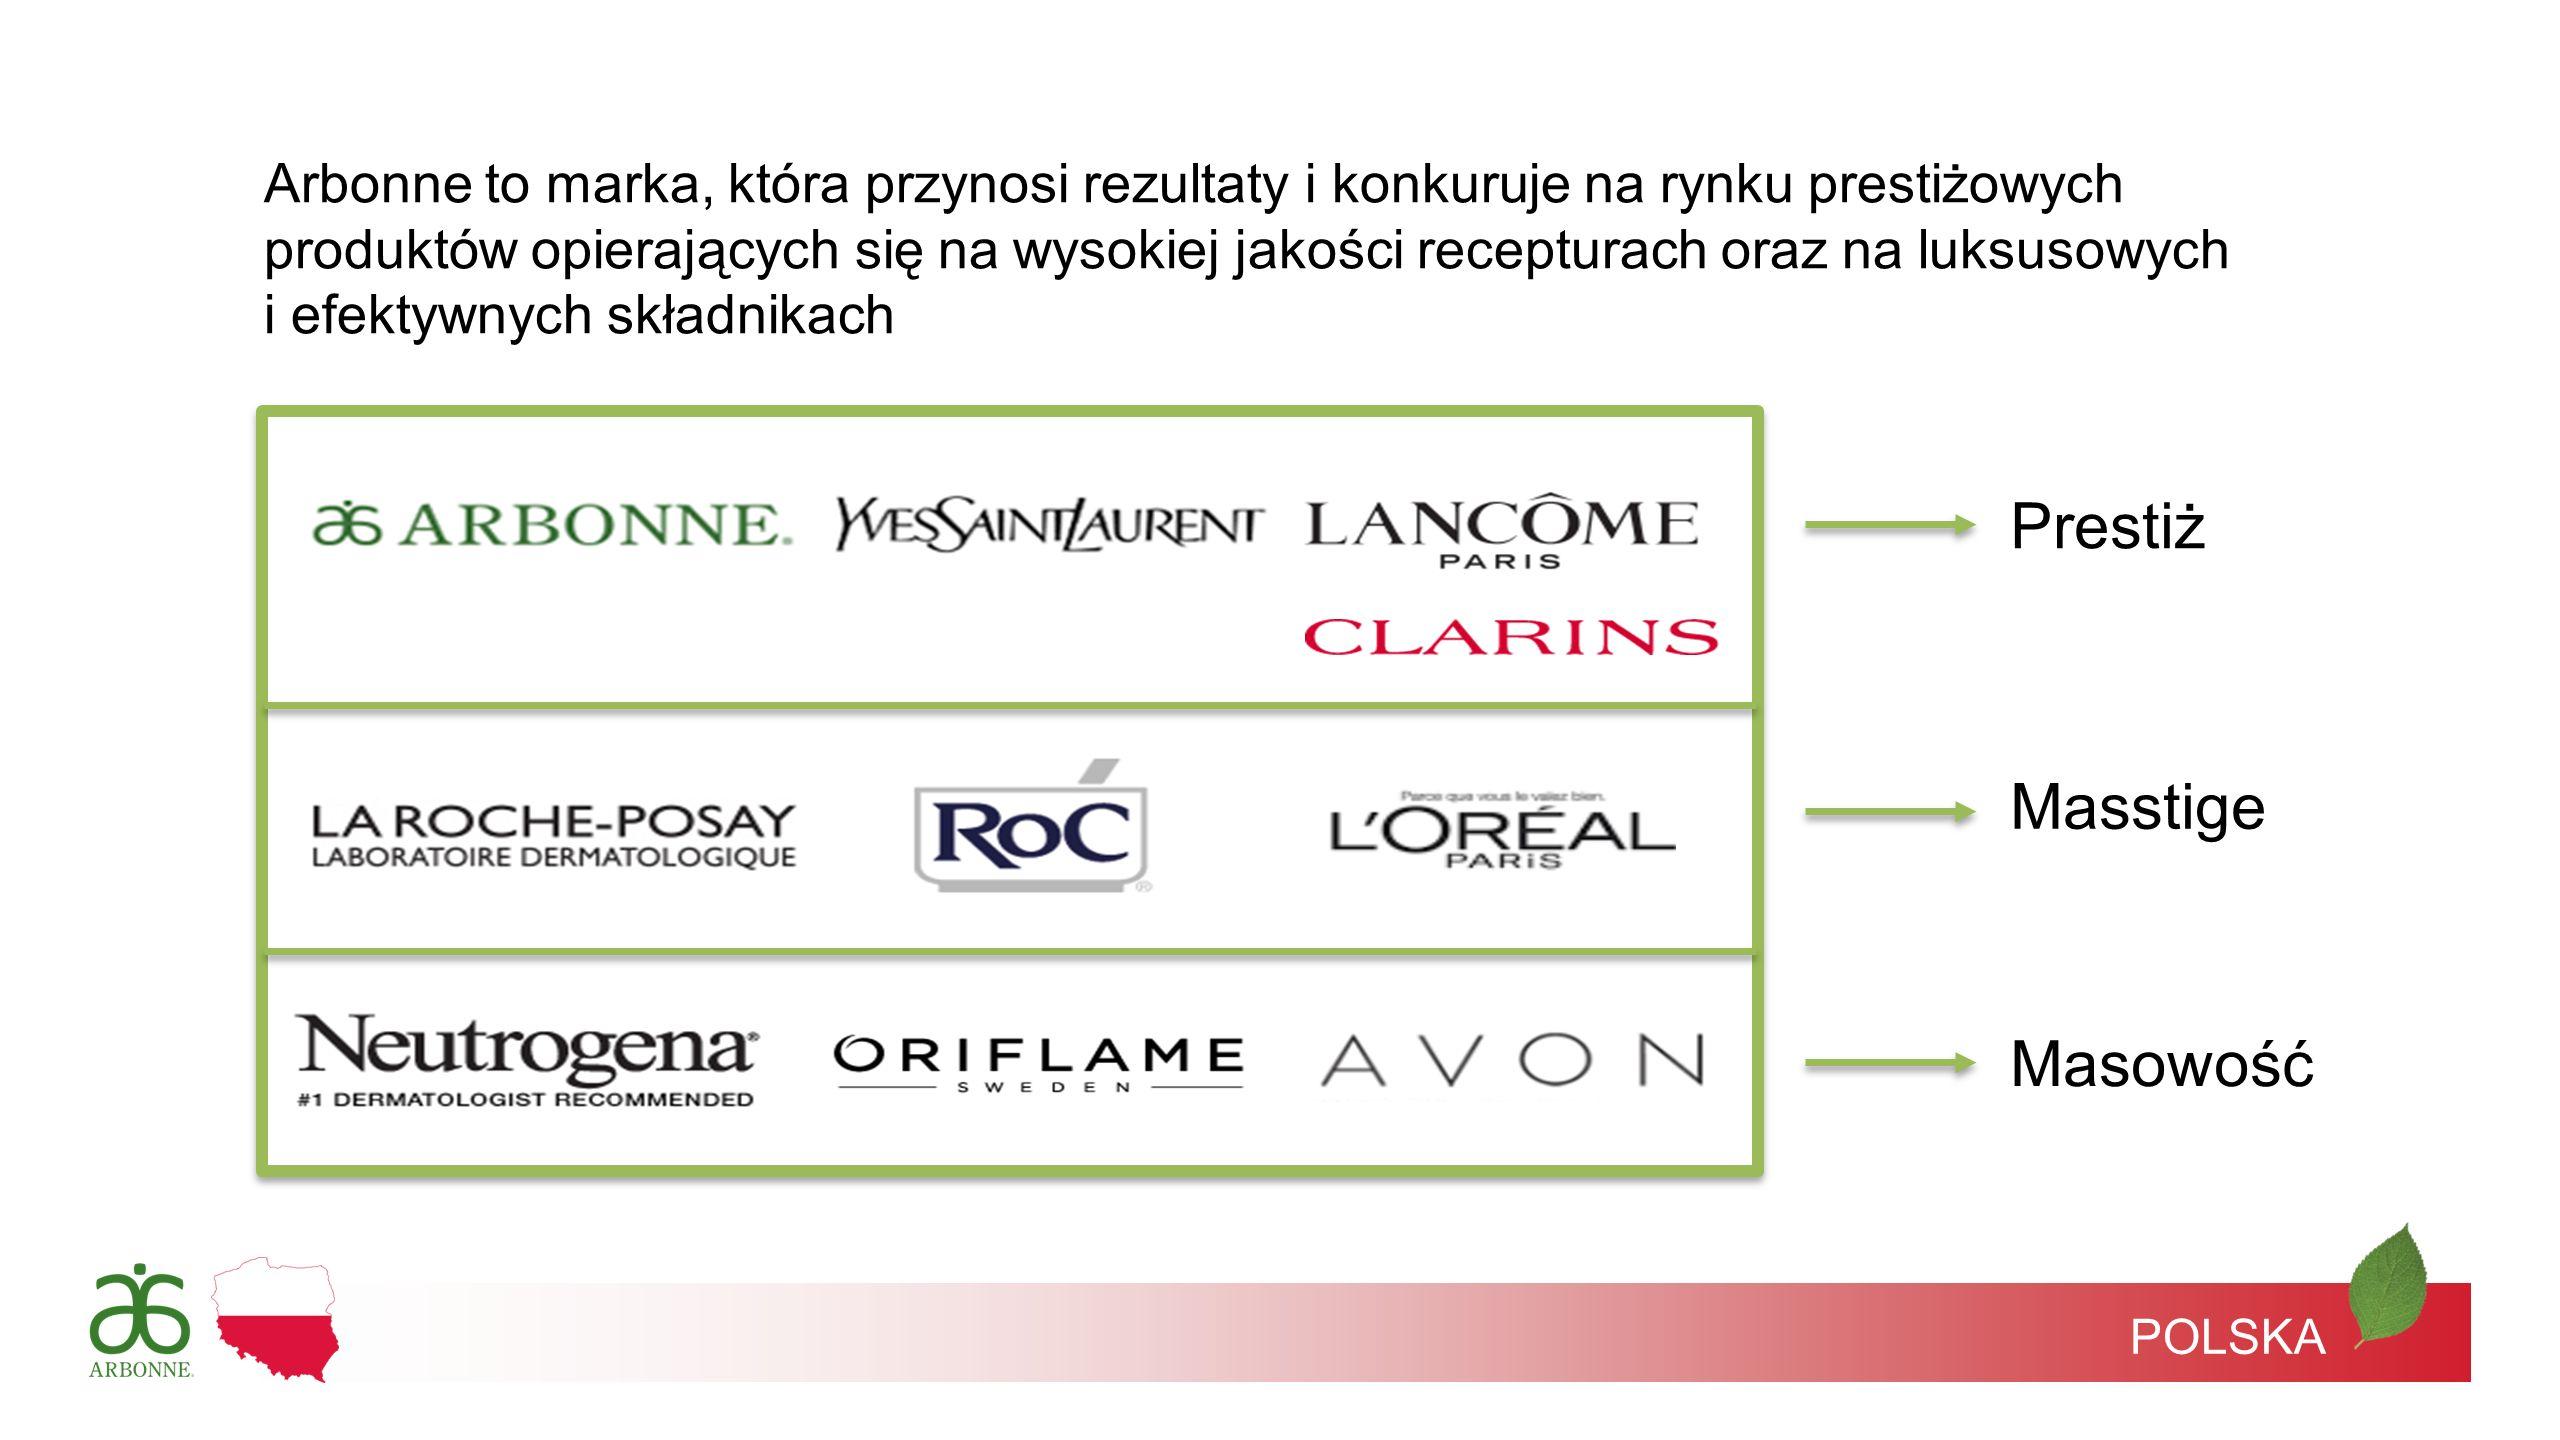 POLSKA Arbonne to marka, która przynosi rezultaty i konkuruje na rynku prestiżowych produktów opierających się na wysokiej jakości recepturach oraz na